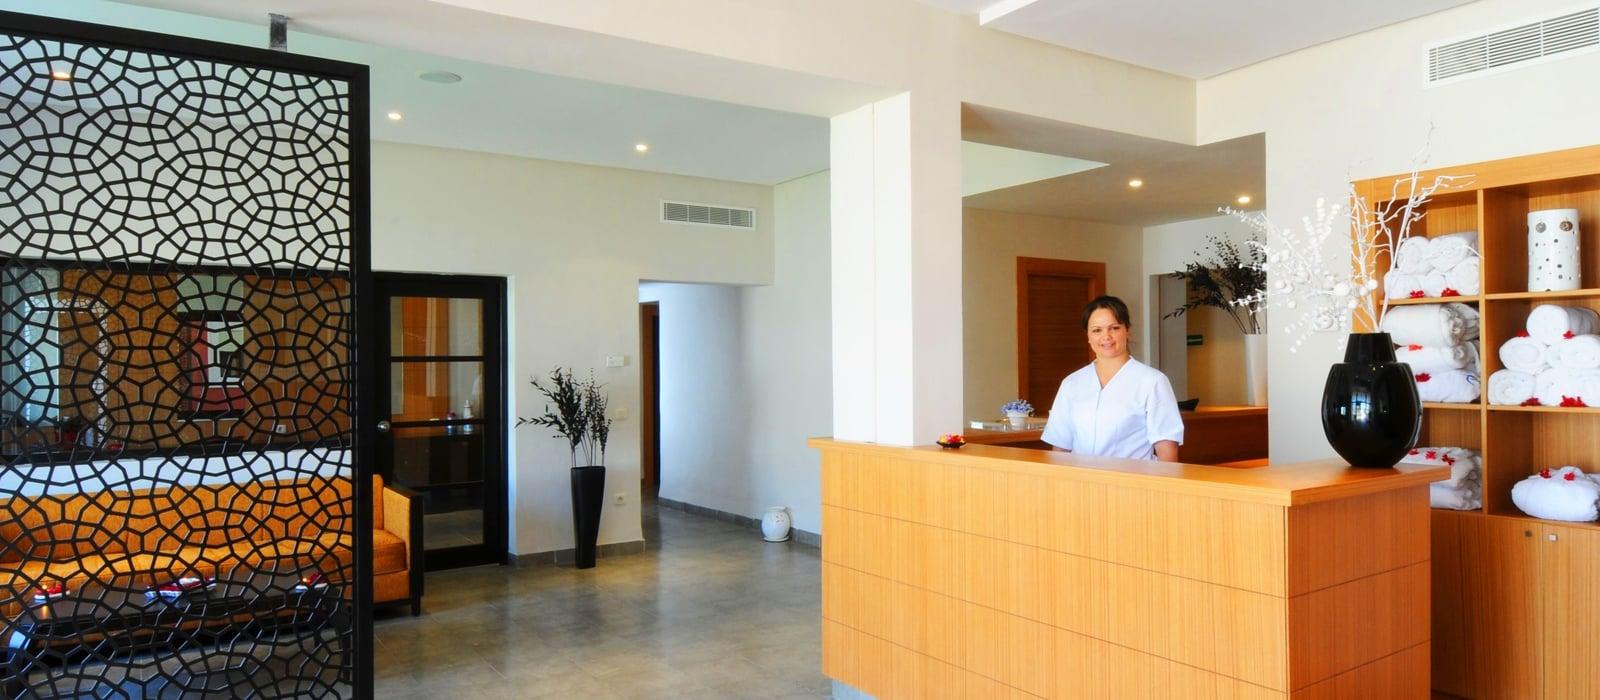 Spa Hamammet Nozha Beach Hotel - Vincci Hoteles